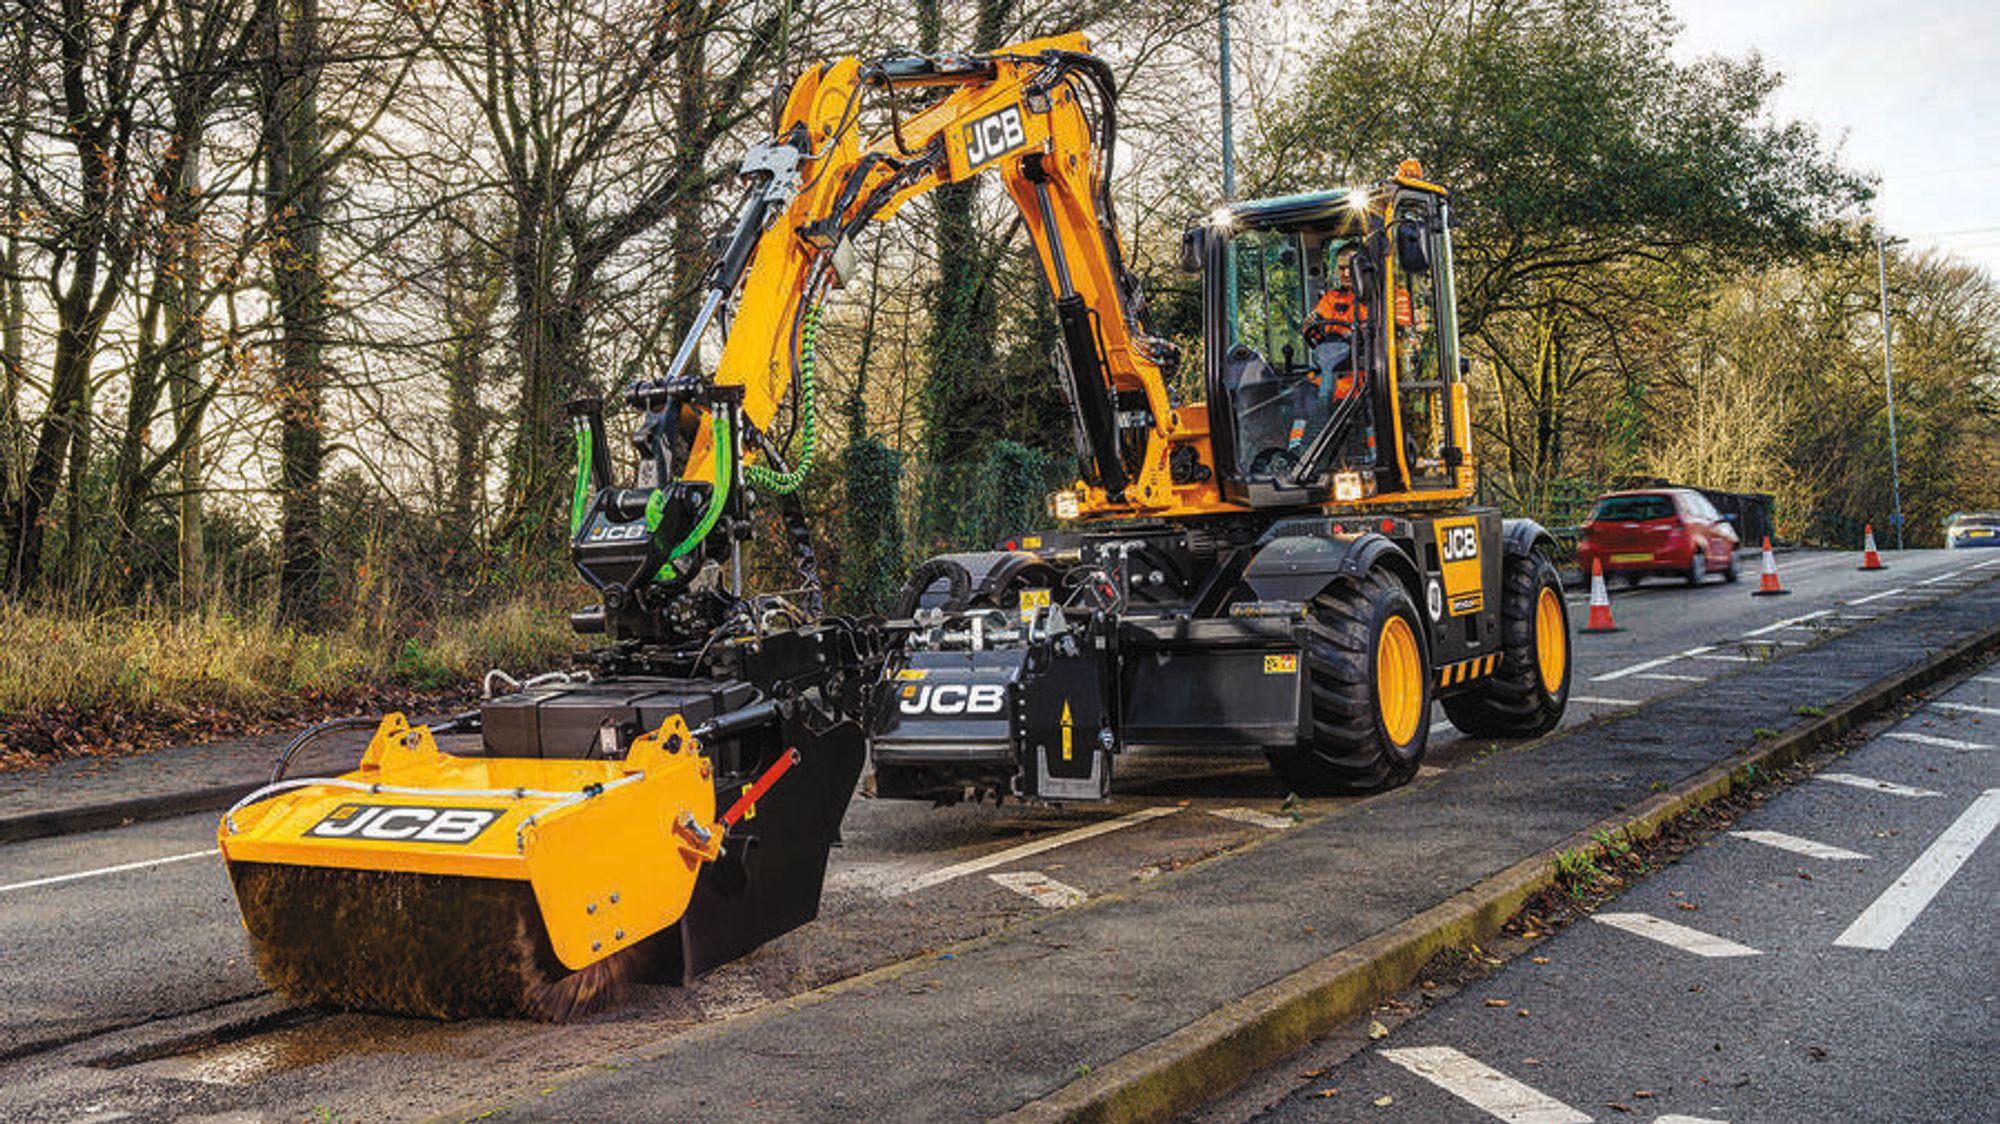 I 2020 har maskinen blitt utprøvd i britiske Stoke-on-Trent, der den har vist et tempo som tilsvarer 700 reparasjoner i måneden.